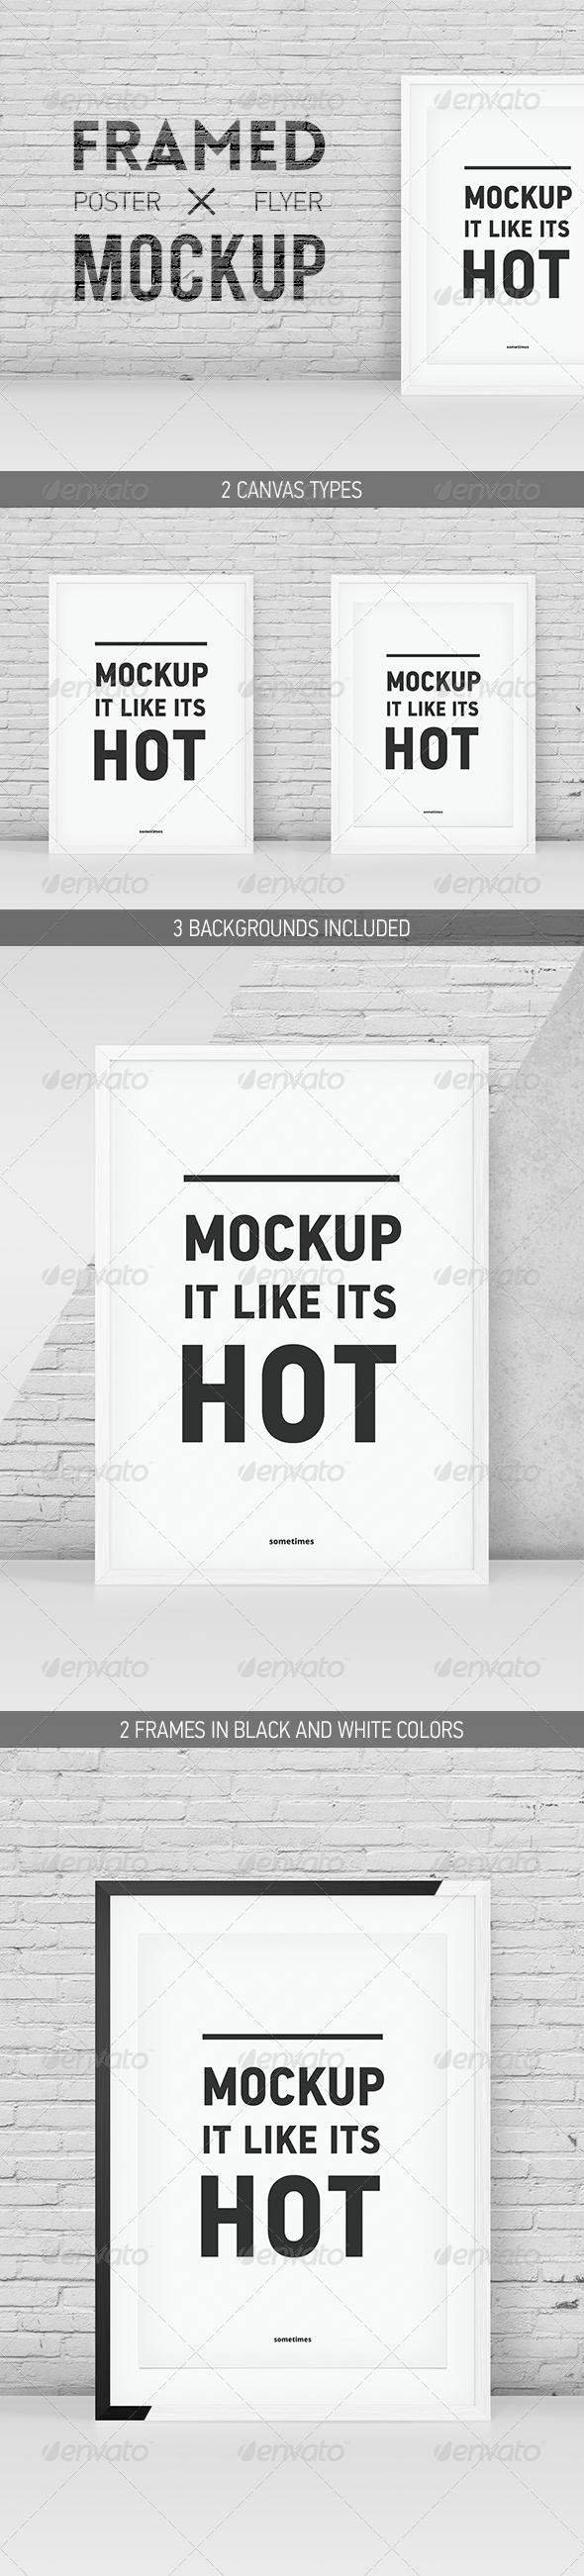 GraphicRiver Minimalistic Framed Poster Flyer Mockup 5852256